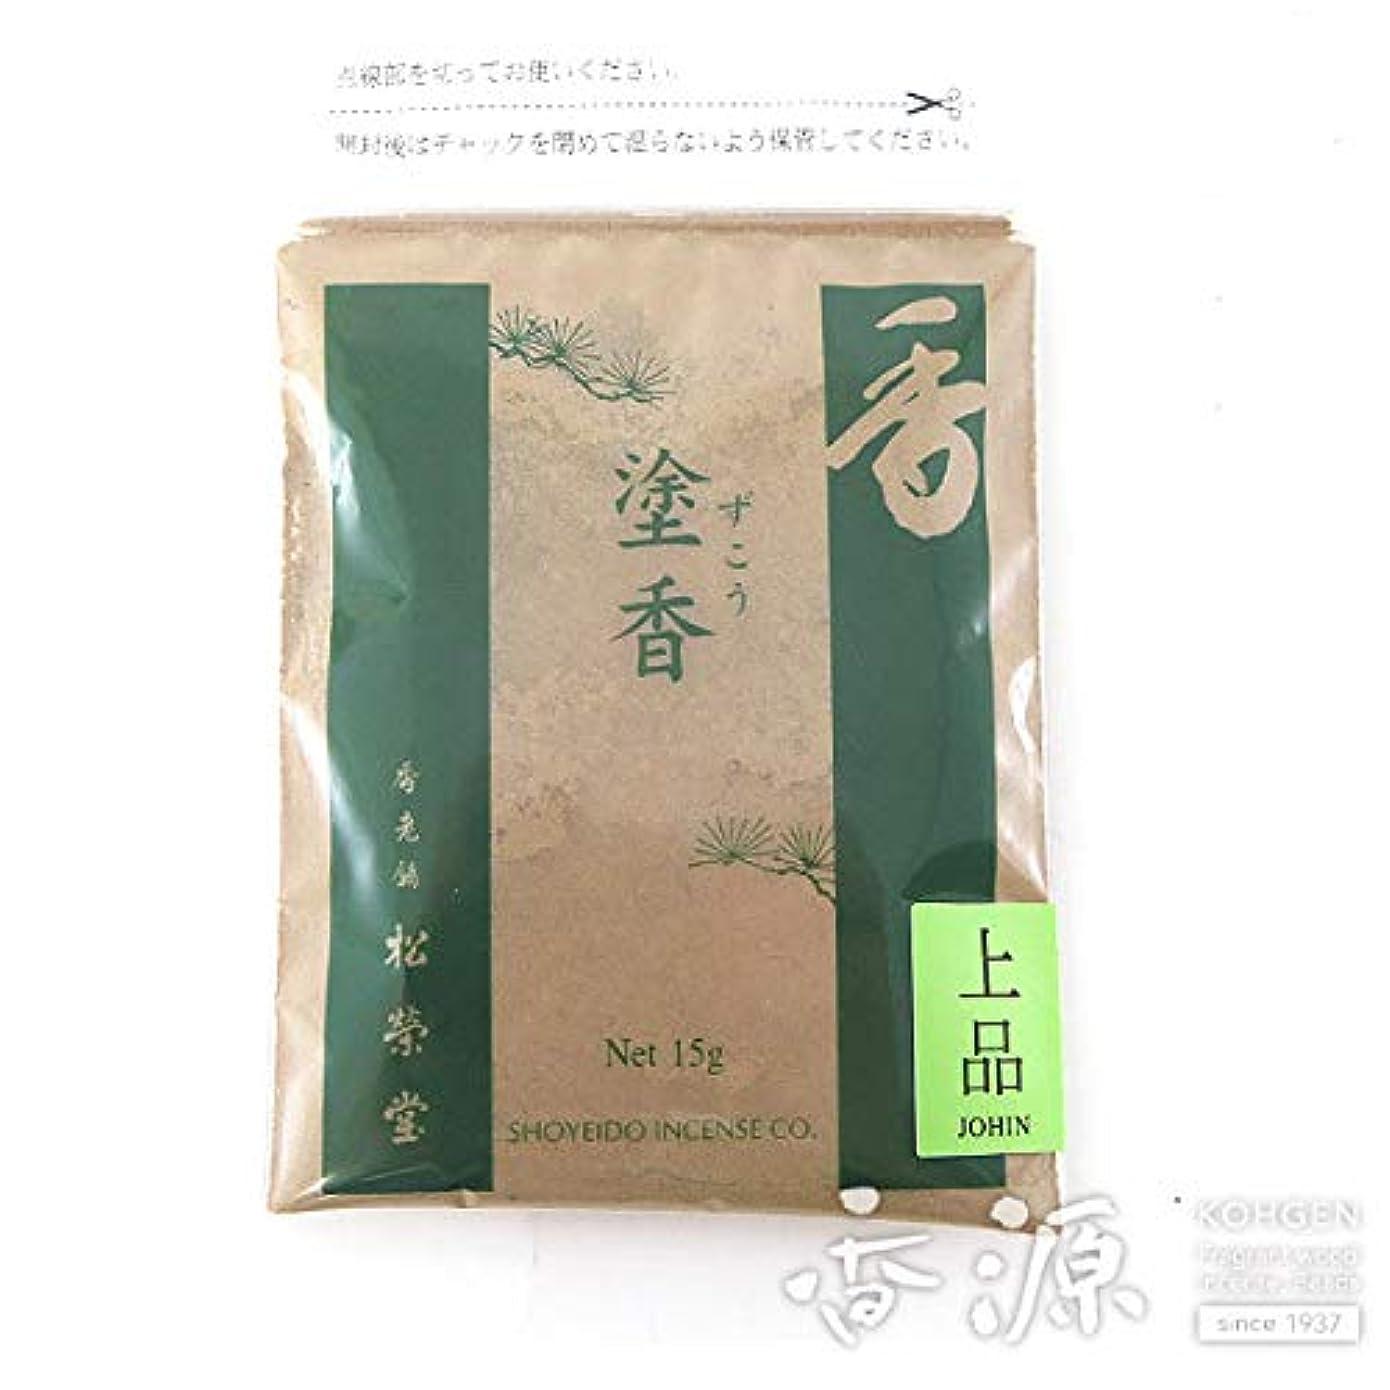 梨評決インフレーション松栄堂のお香 上品塗香 15g